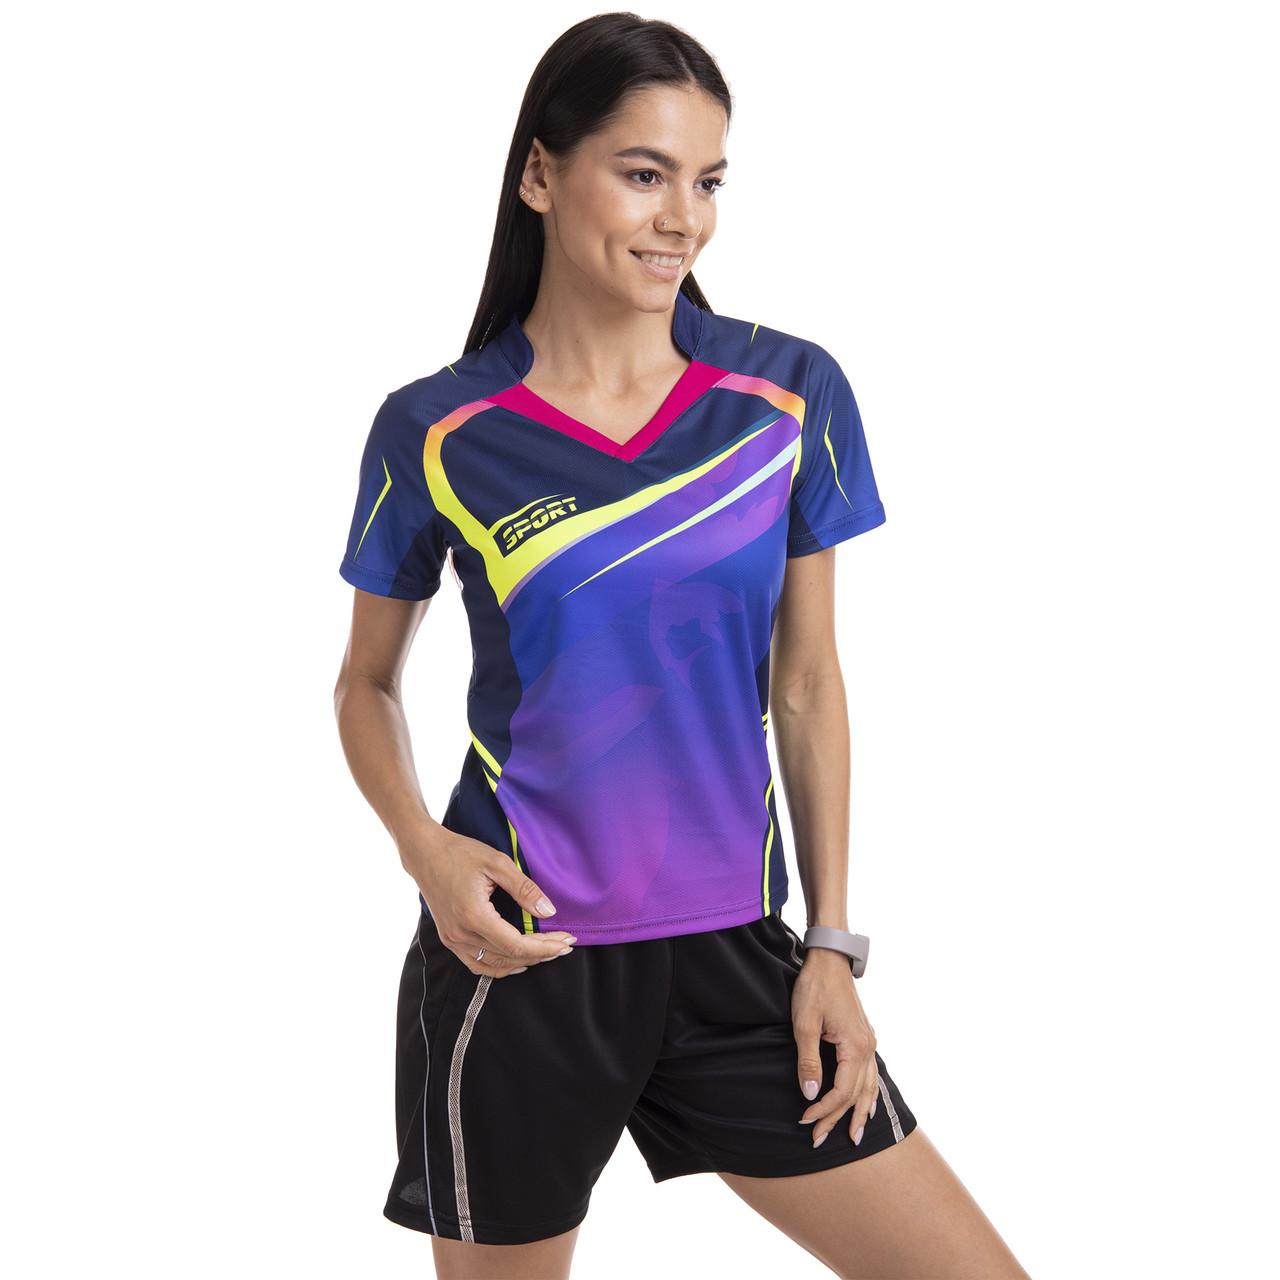 Форма для великого тенісу жіноча Lingo LD-1811B S-3XL кольори в асортименті L, зріст 155-160